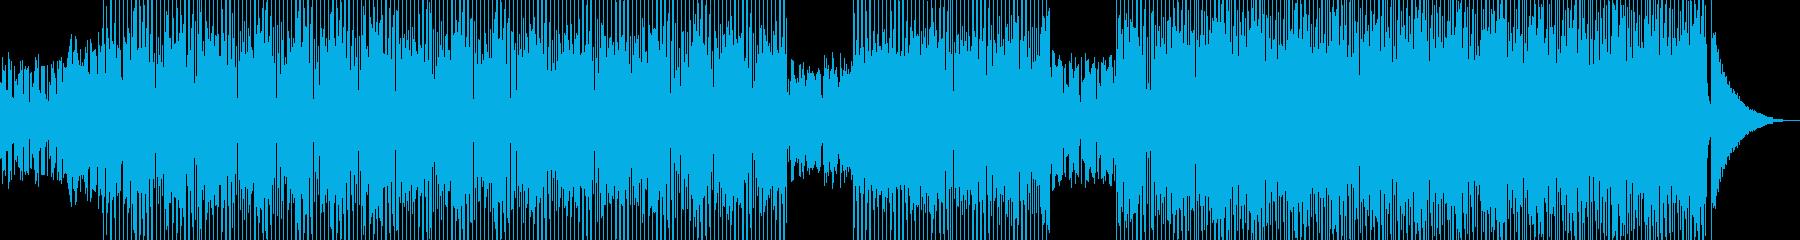 ログカフェをイメージしたテクノ B★の再生済みの波形